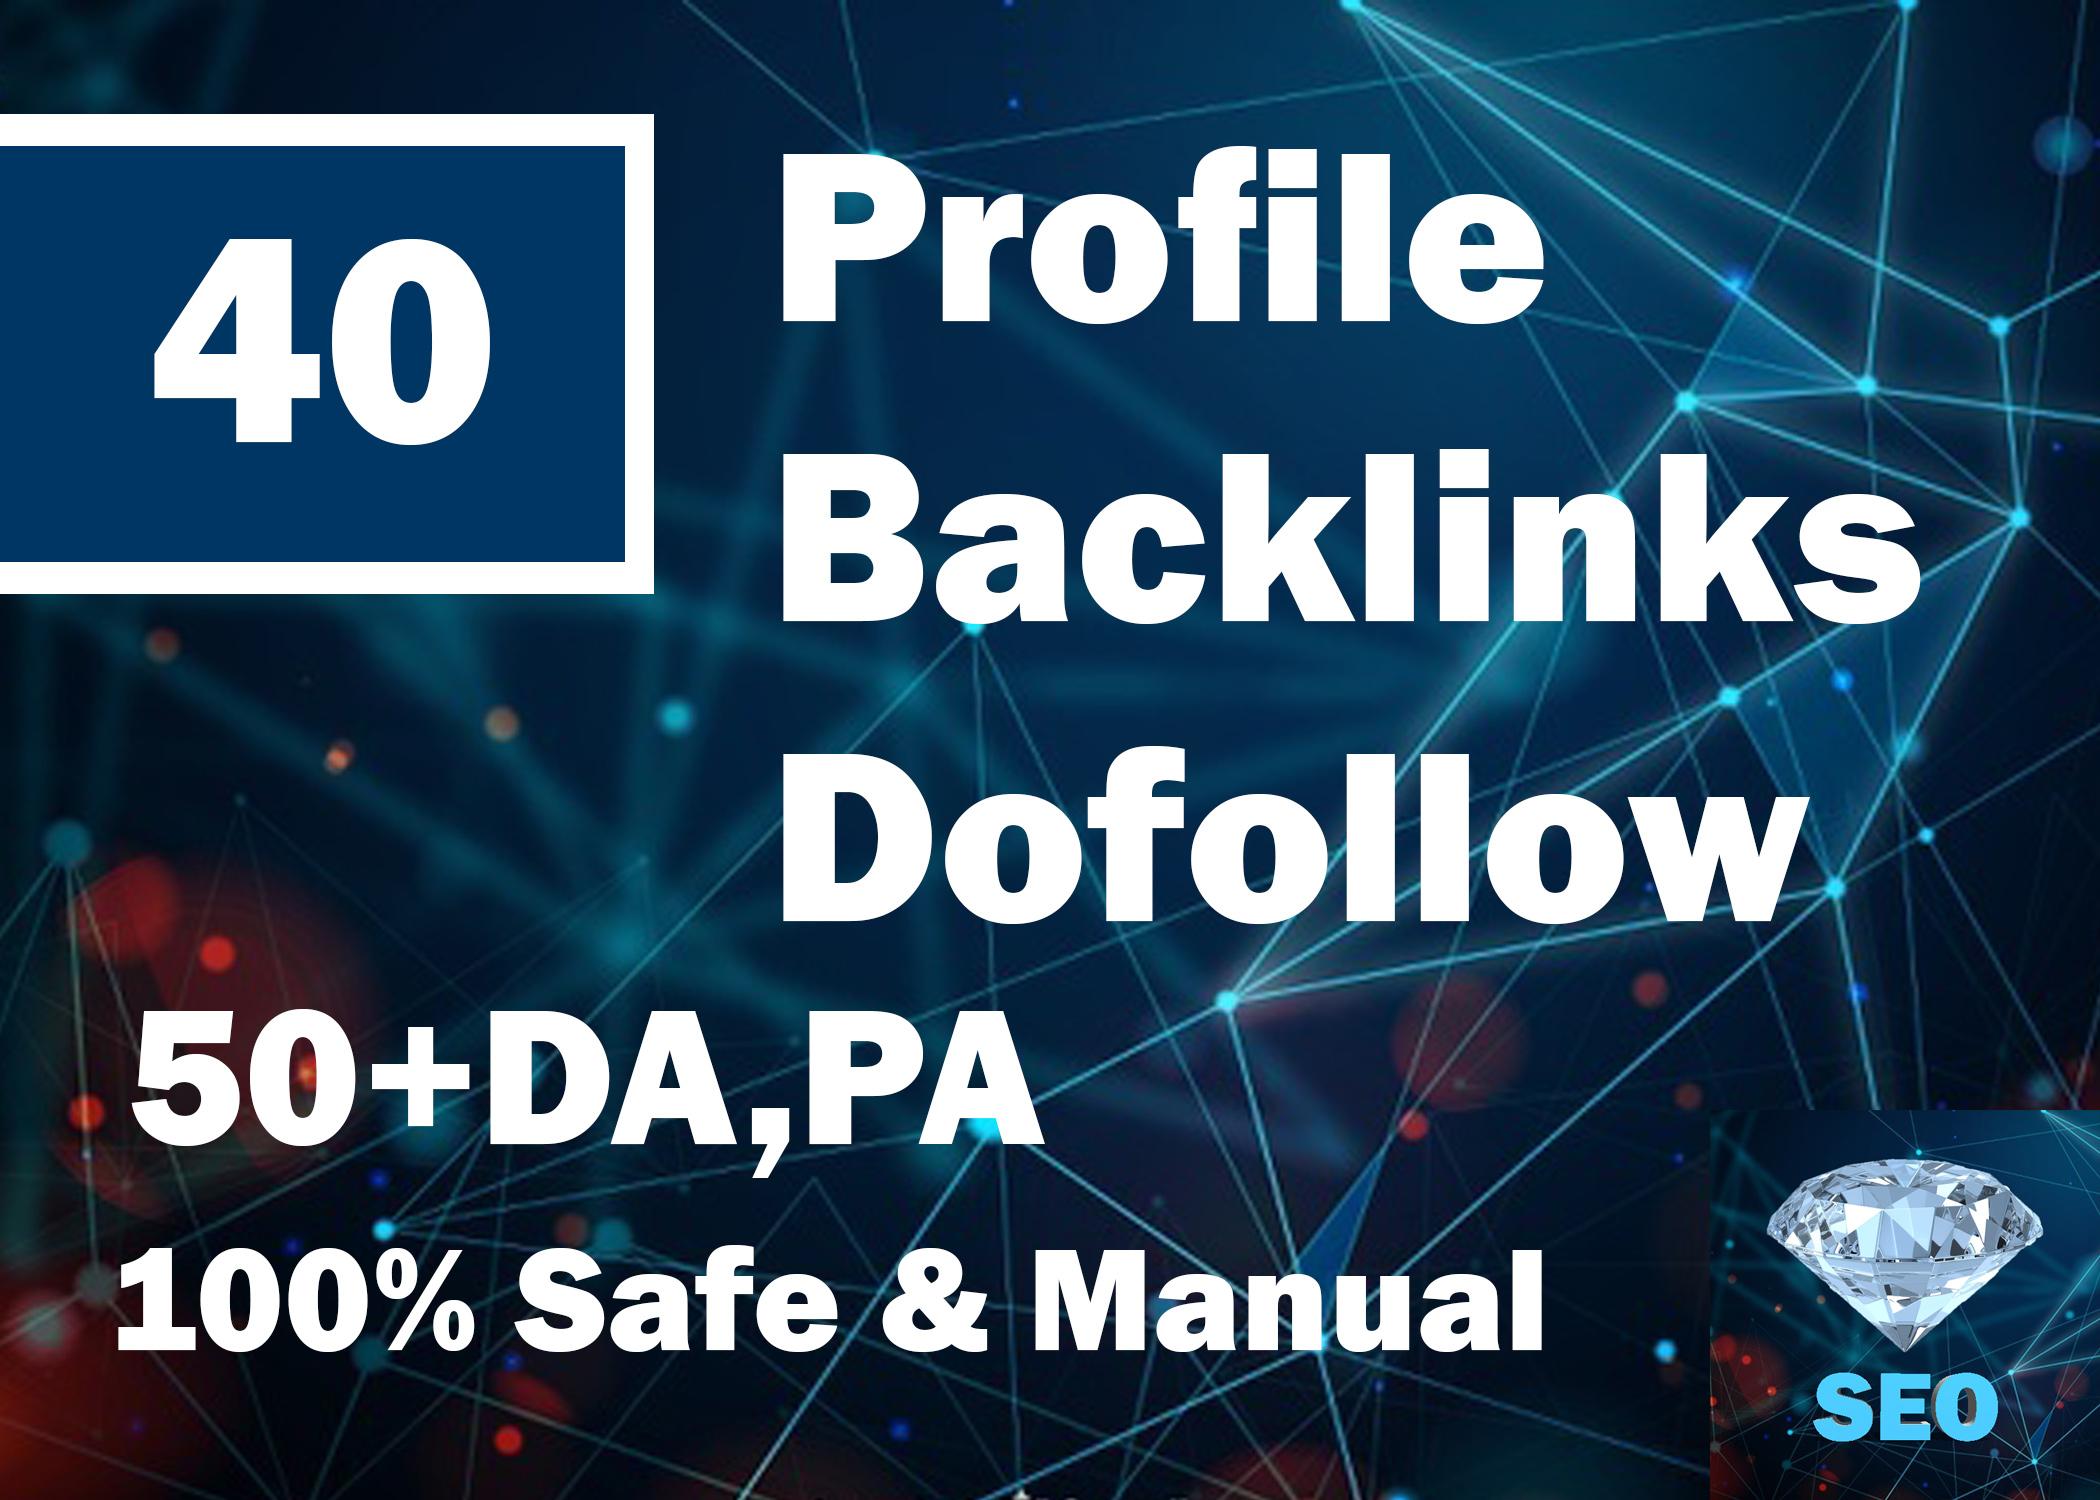 I Will DO 40 High DA, PA Web 2.0 Profile Backlinks Dofollow